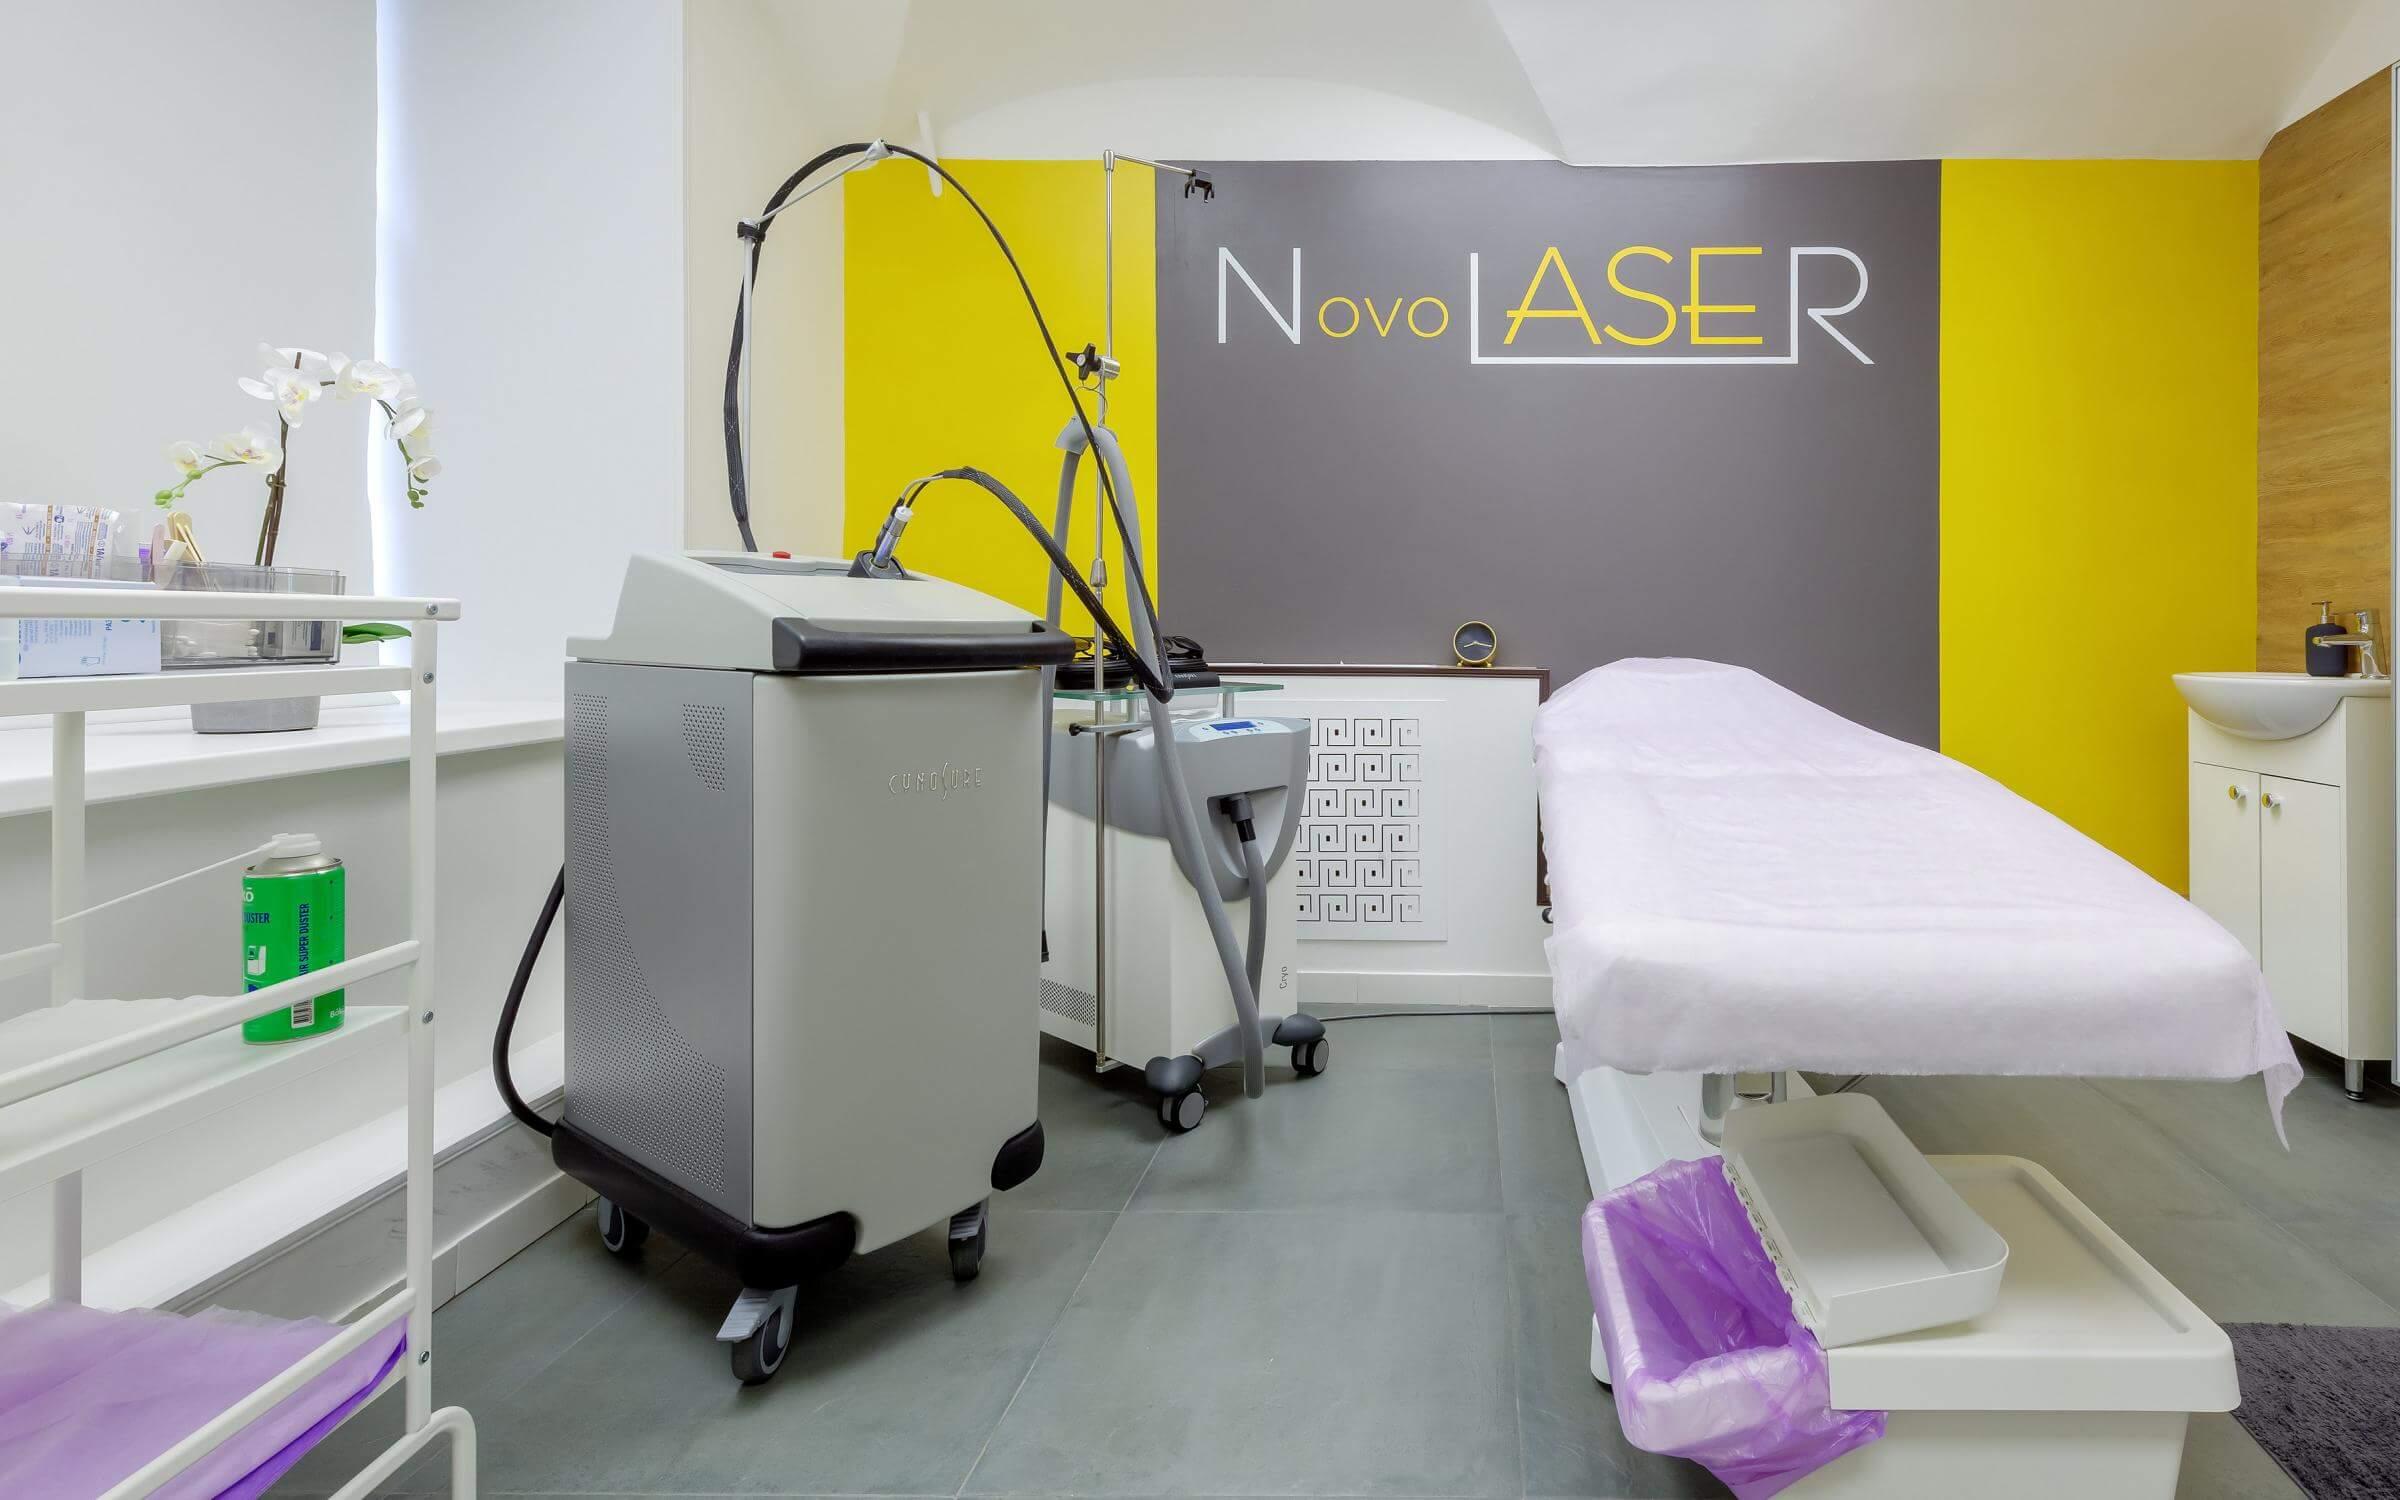 Novolaser - Лучшие студии лазерной эпиляции в Санкт-Петербурге